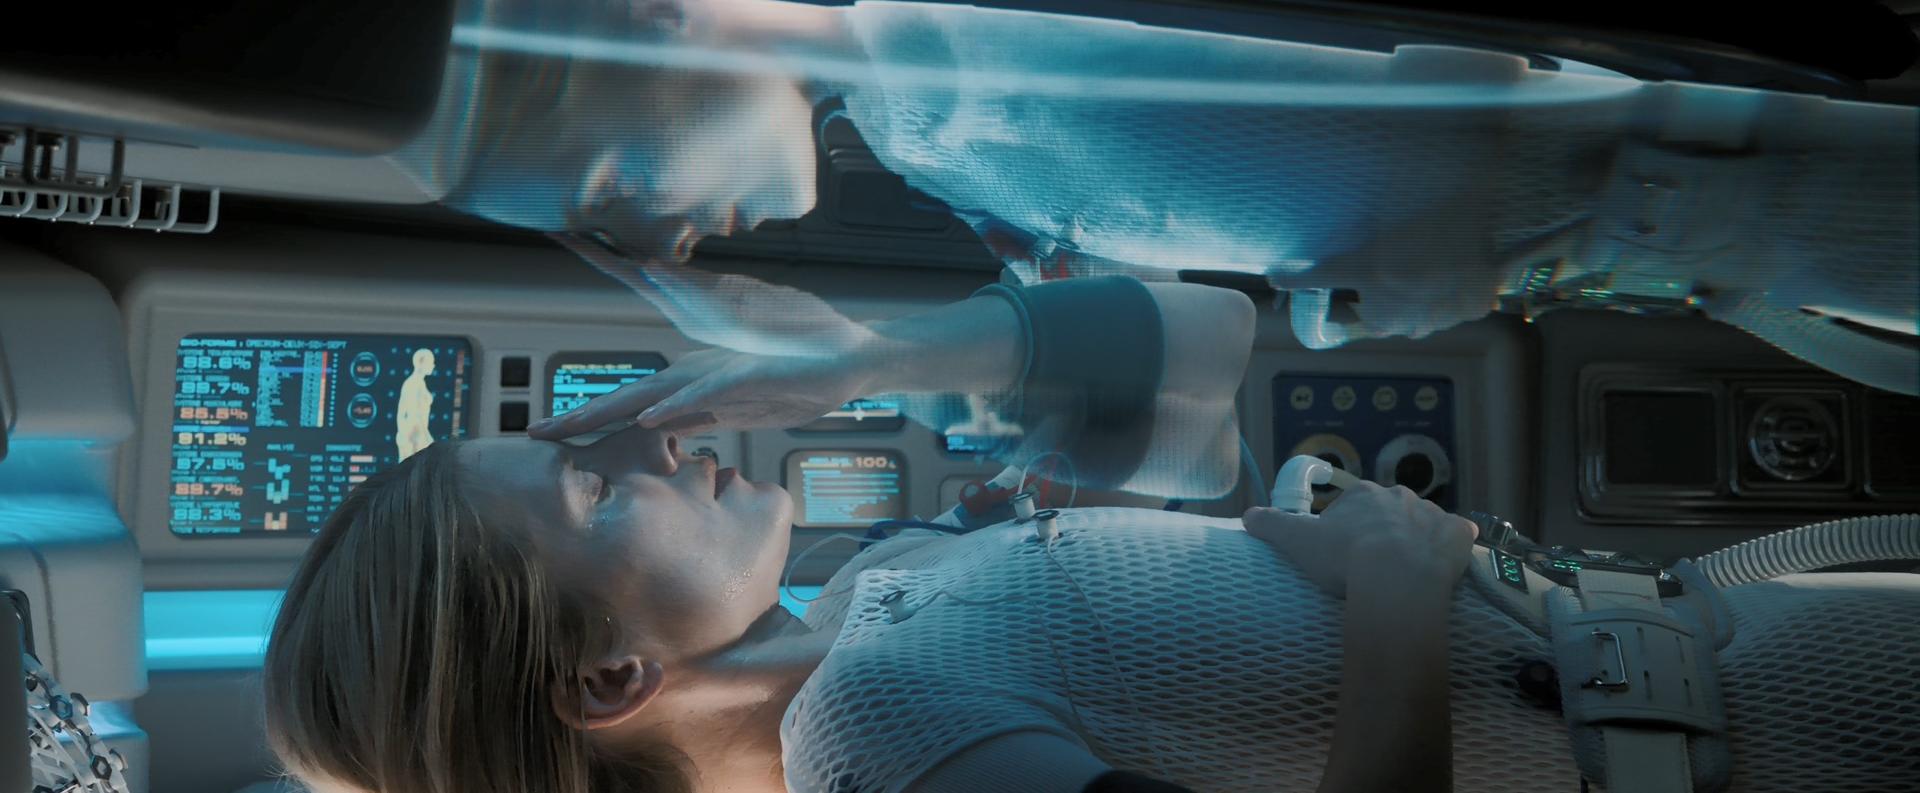 Новые фантастические фильмы про изоляцию: «Кислород», Поколение «Вояджер» и другие 2